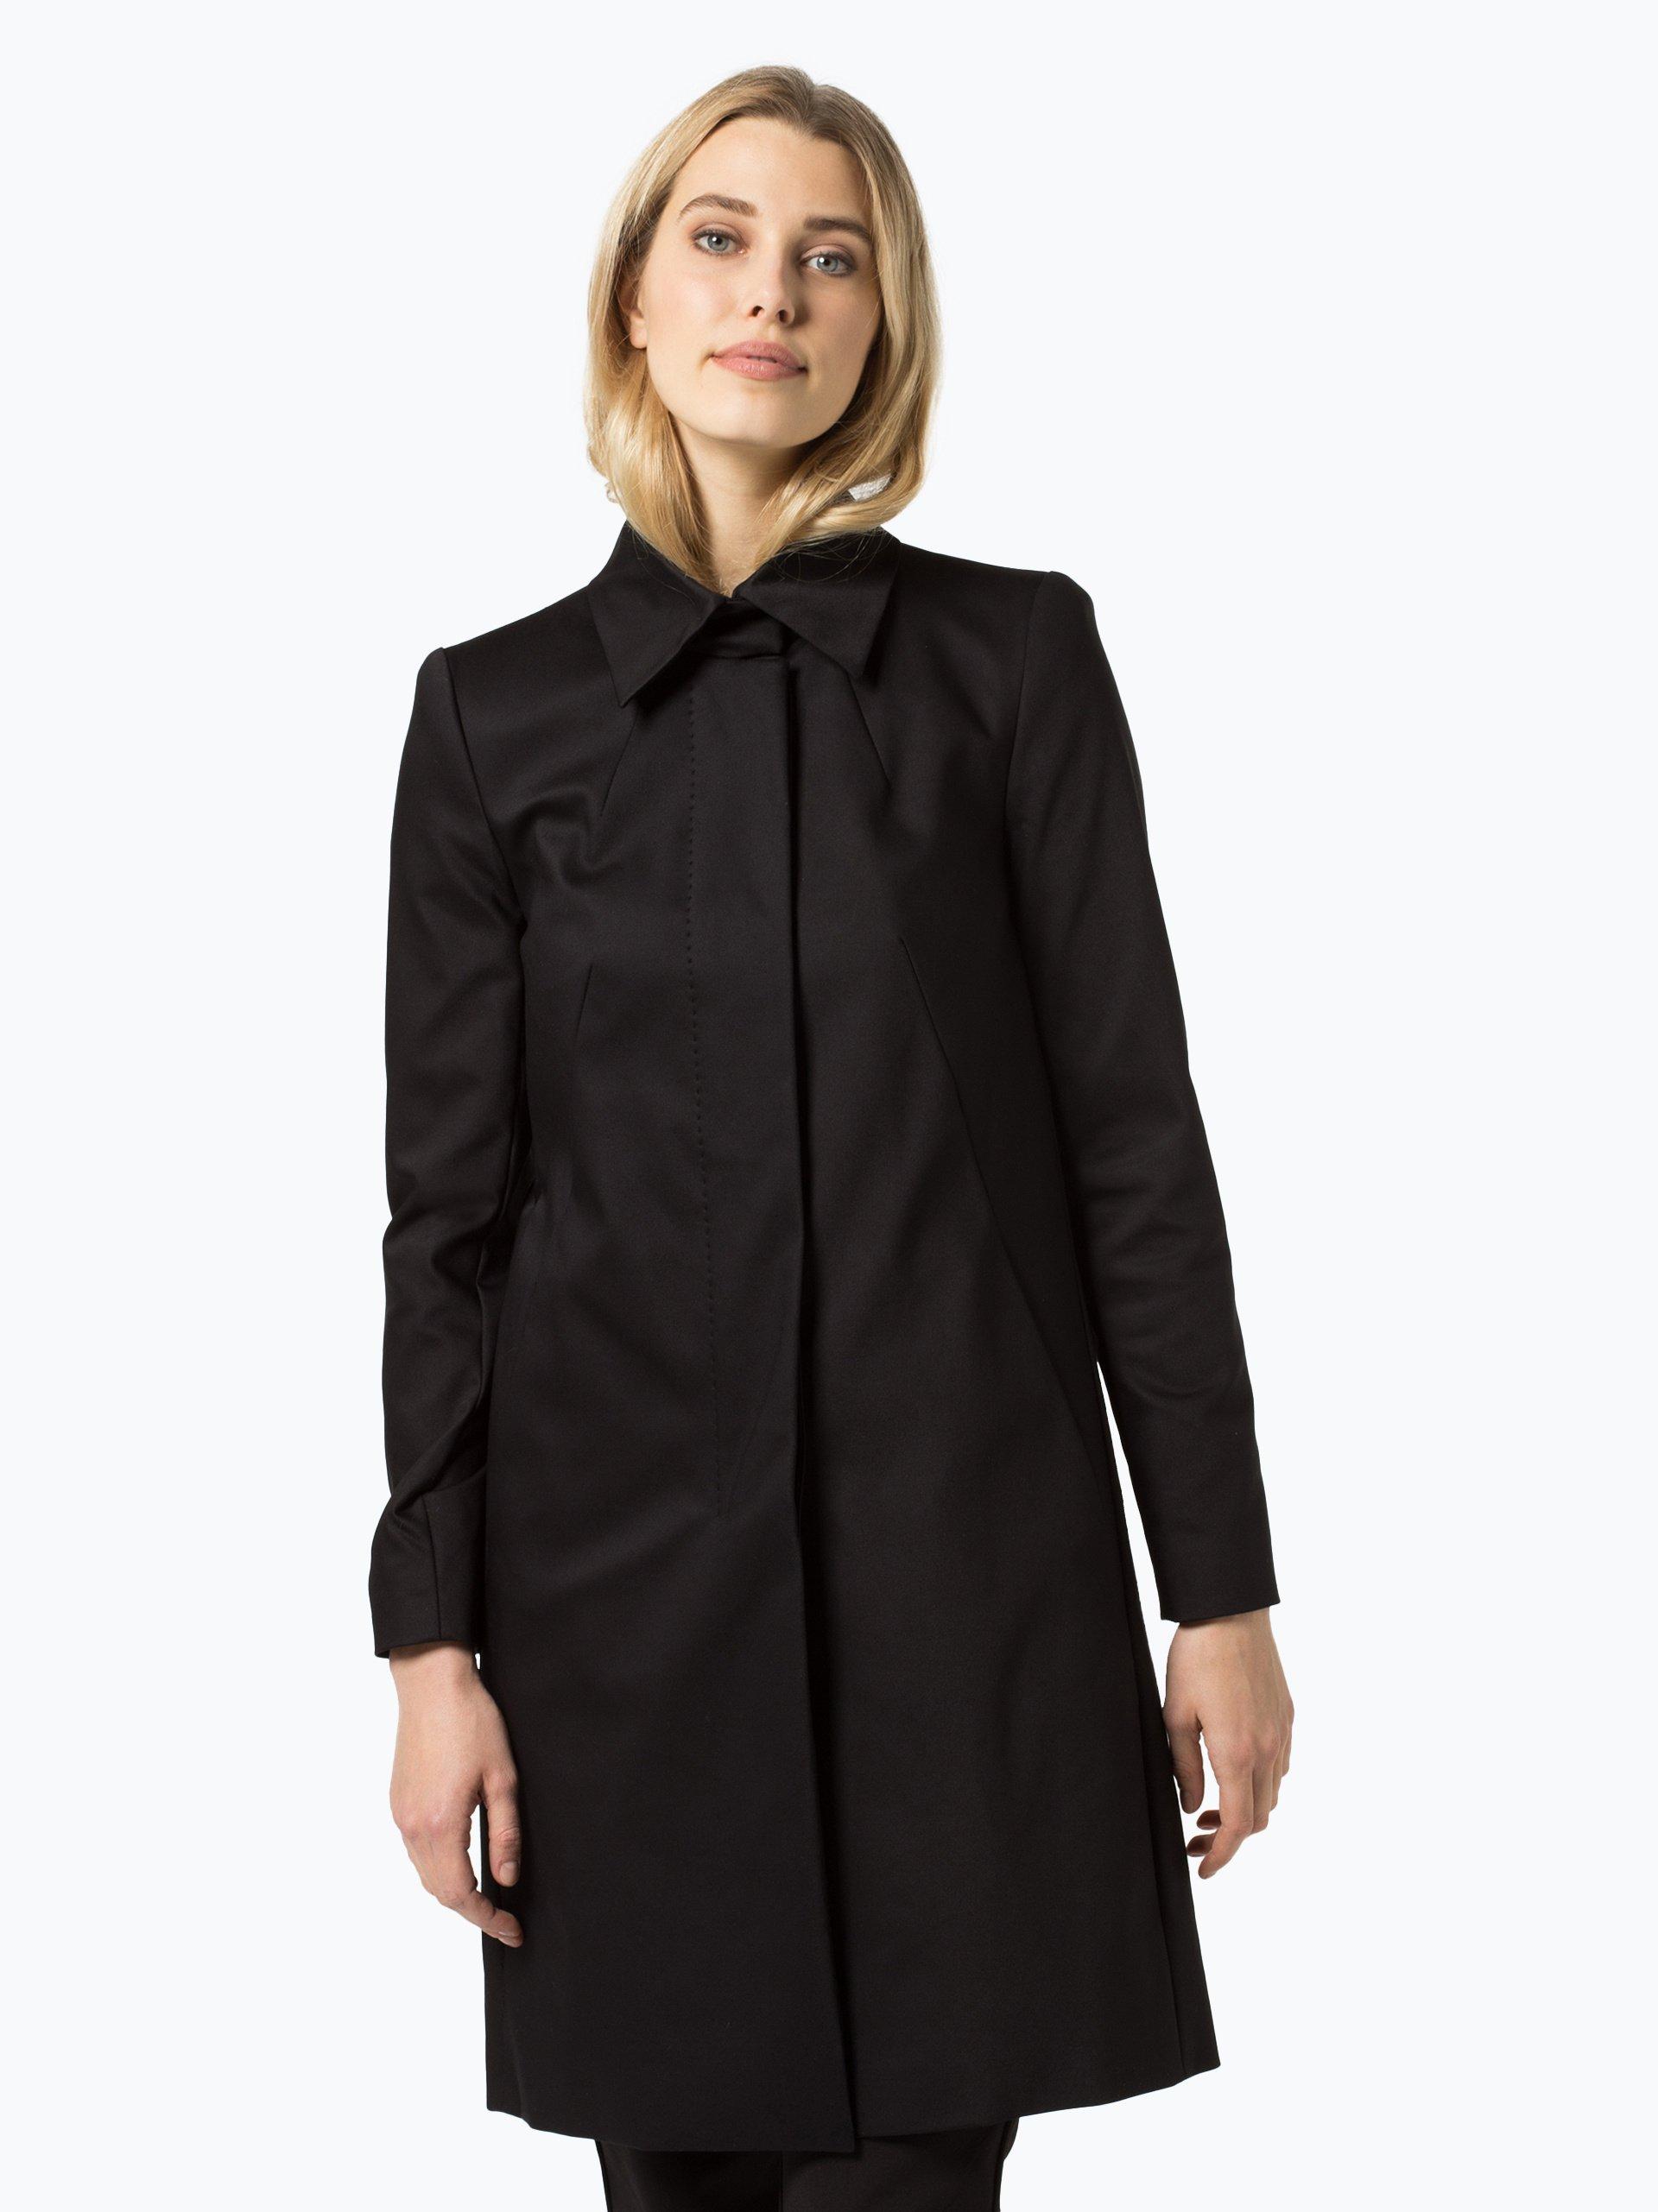 Damen Drykorn KaufenPeek Mantel Online Bourse Und wPkO0n